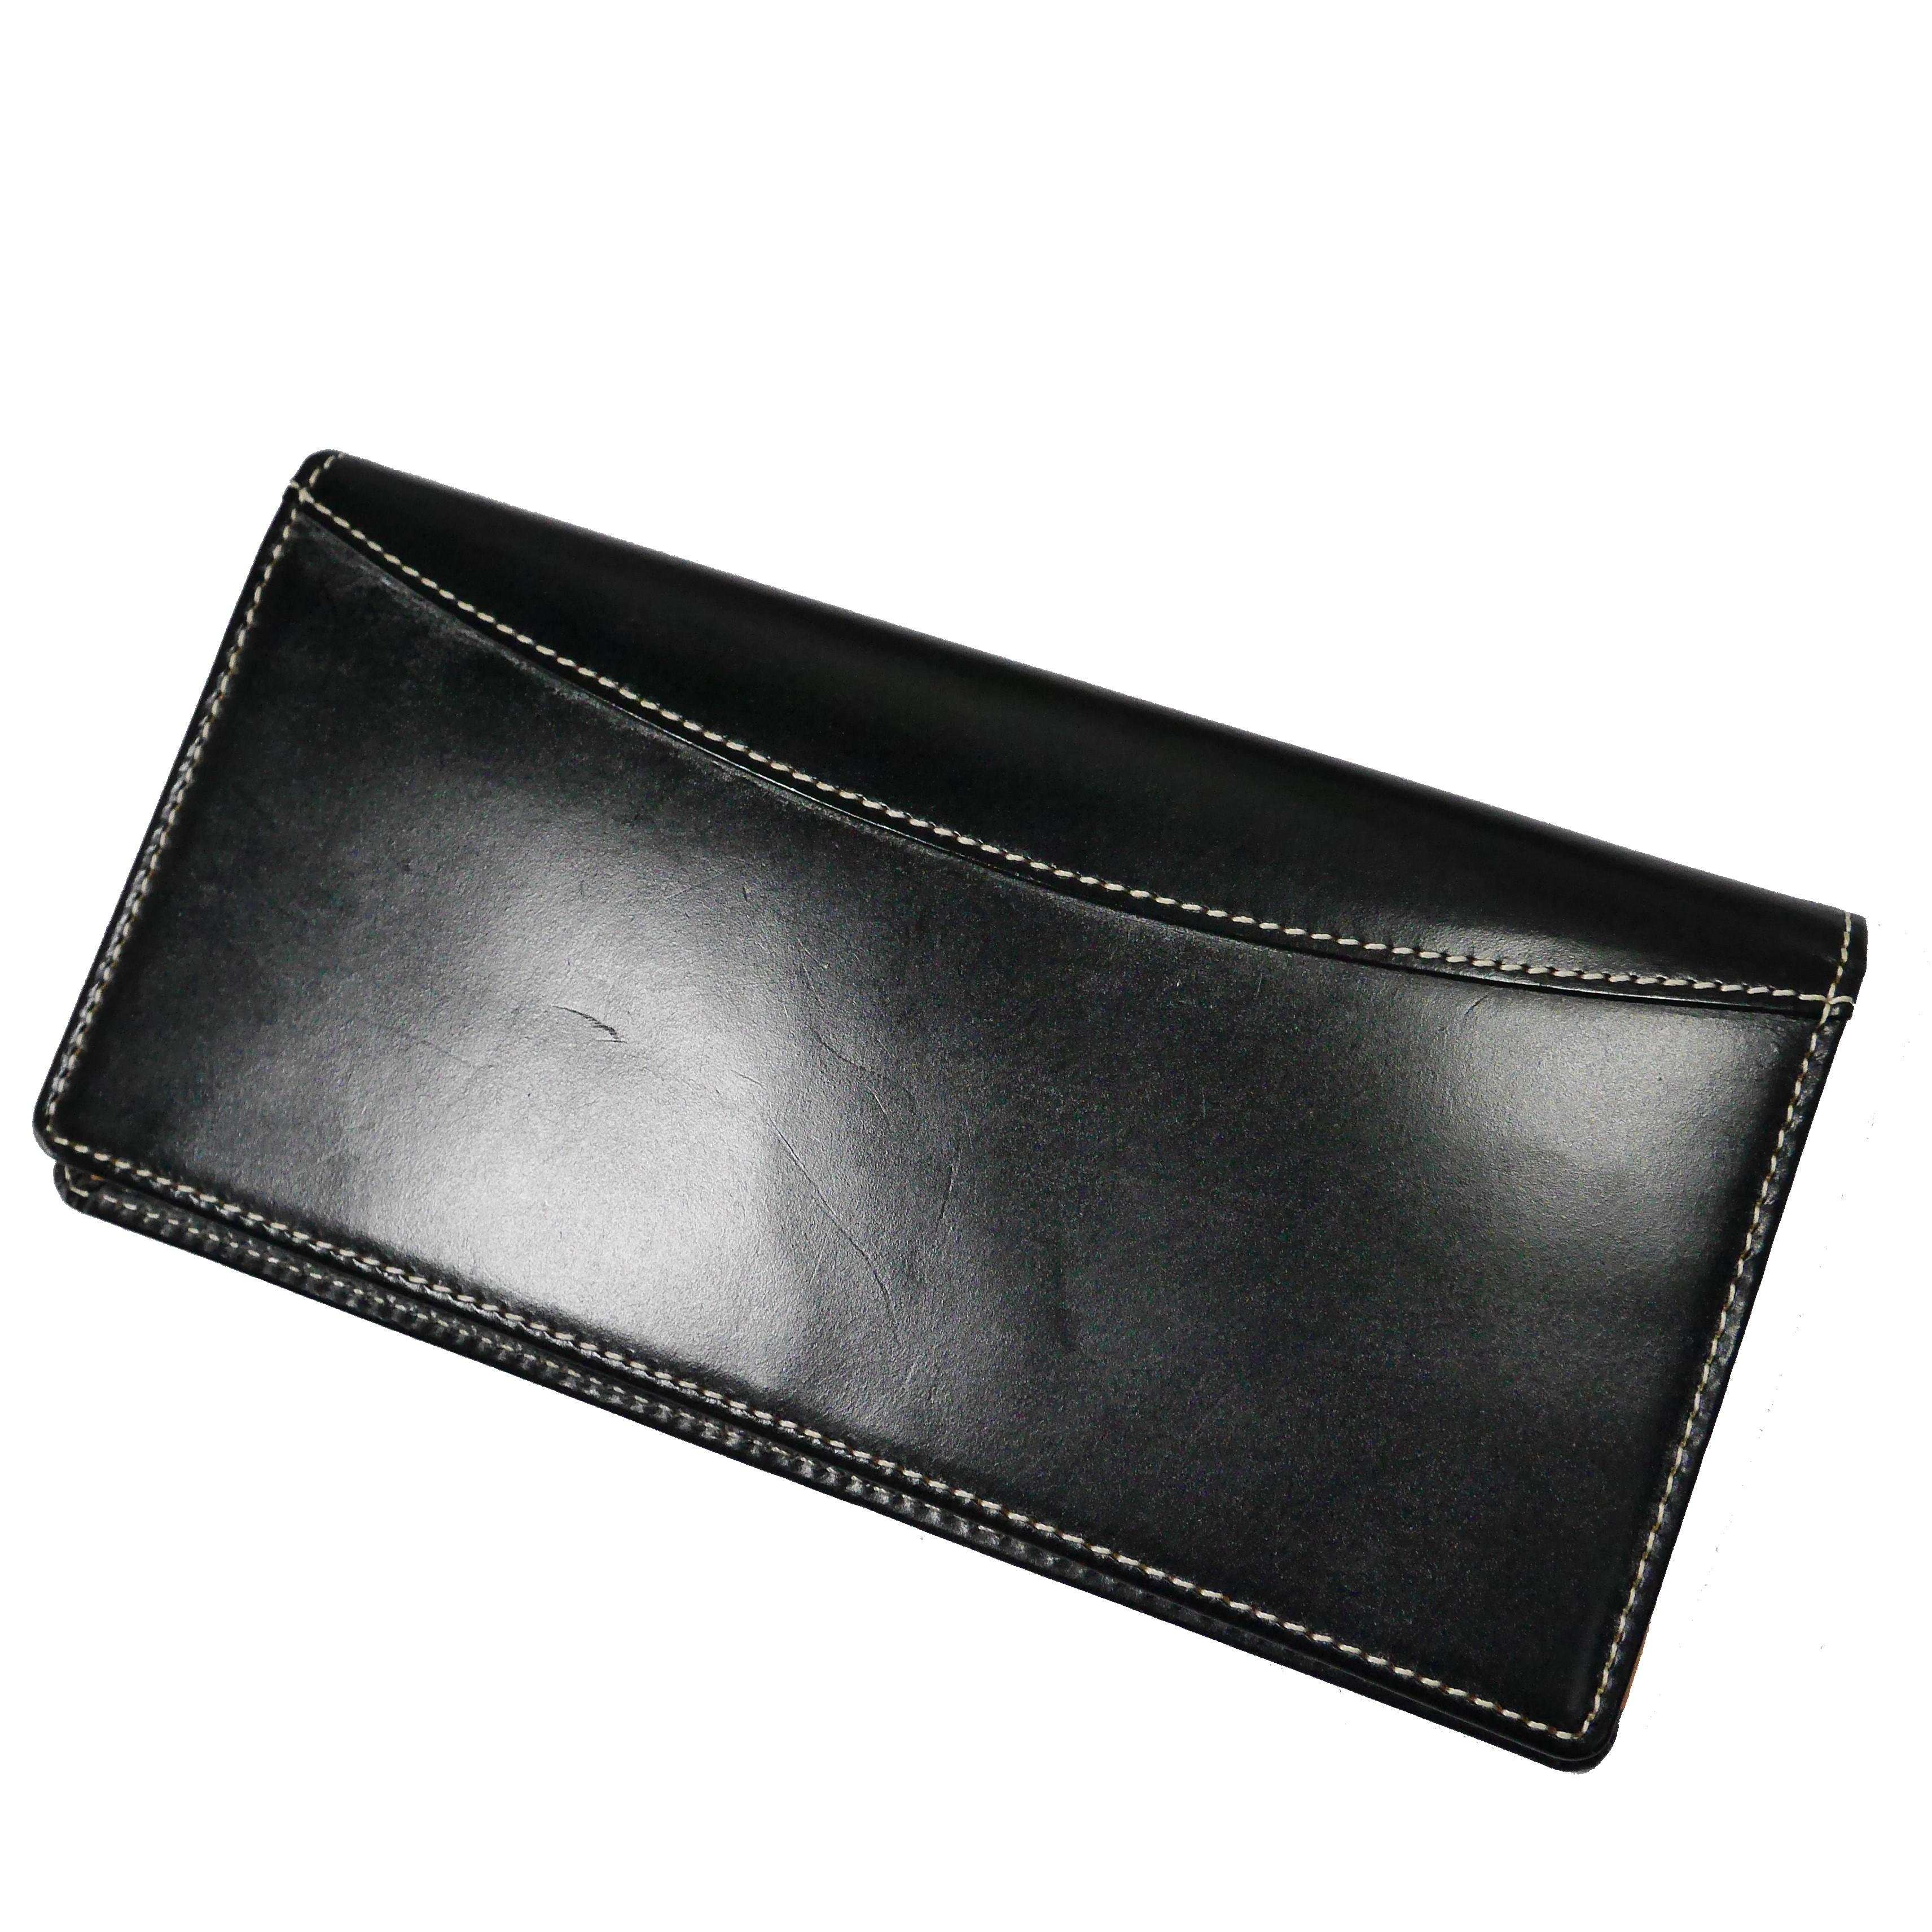 ブリティッシュグリーン ブライドルレザー 長財布 小銭入れ付き 黒 ブラック